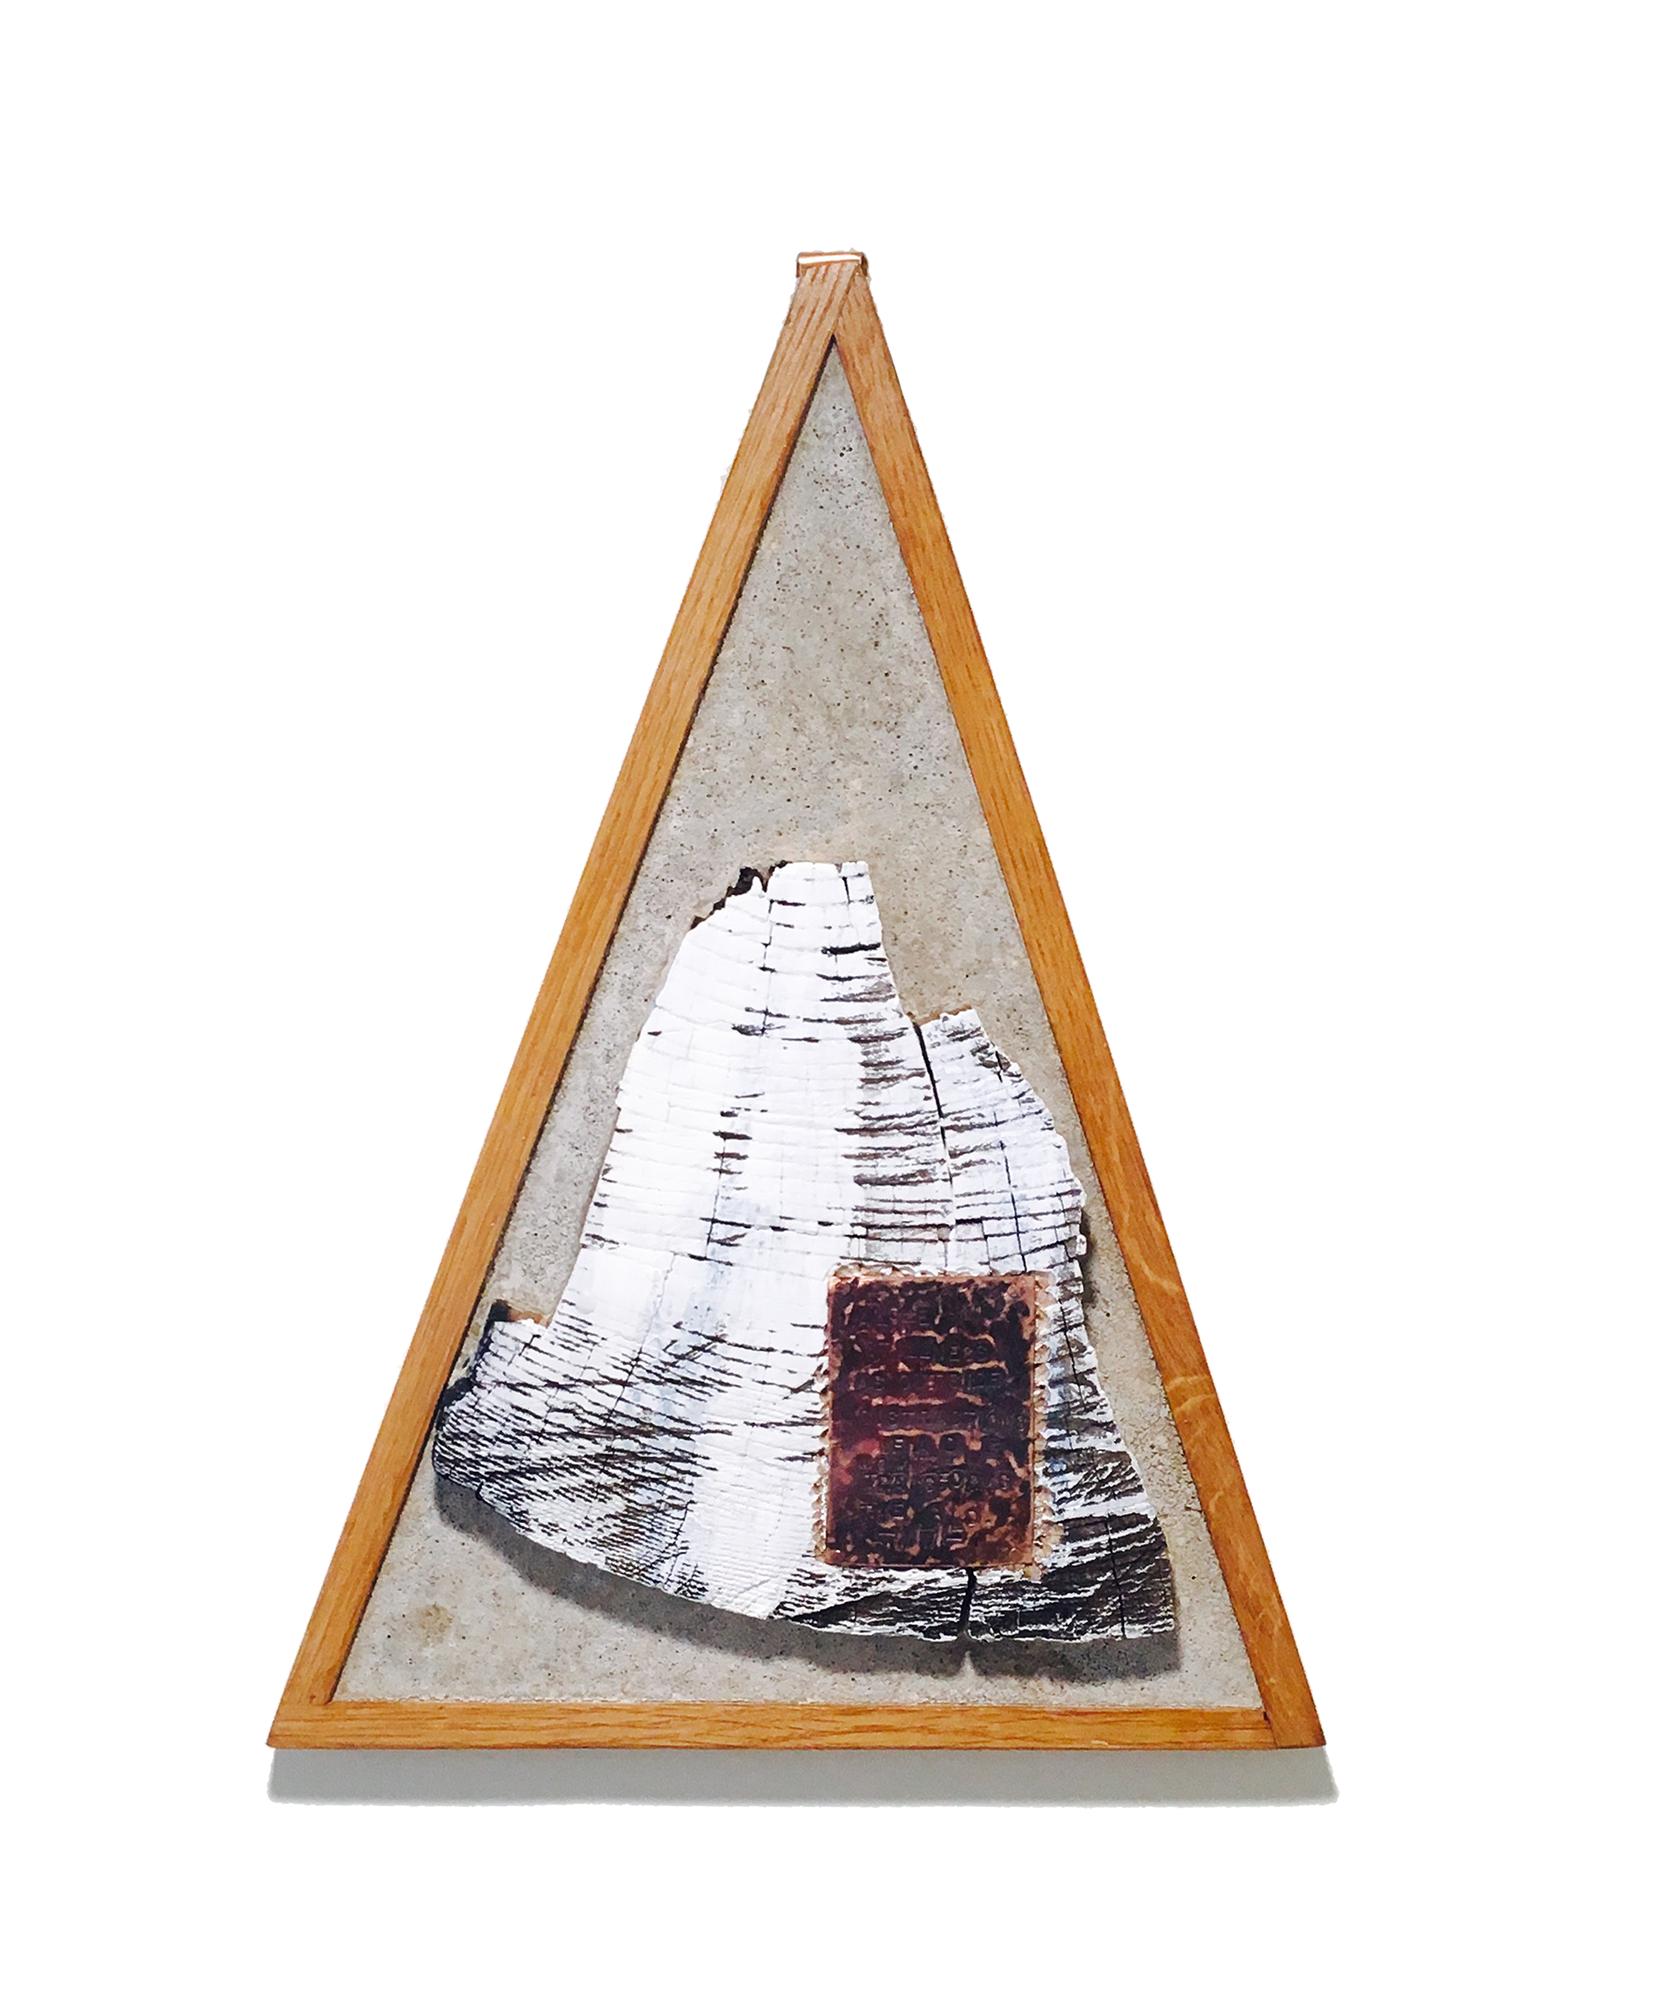 Meditative Structure - ArtofTrust.Paul, MixedMedia in Concrete (2018)